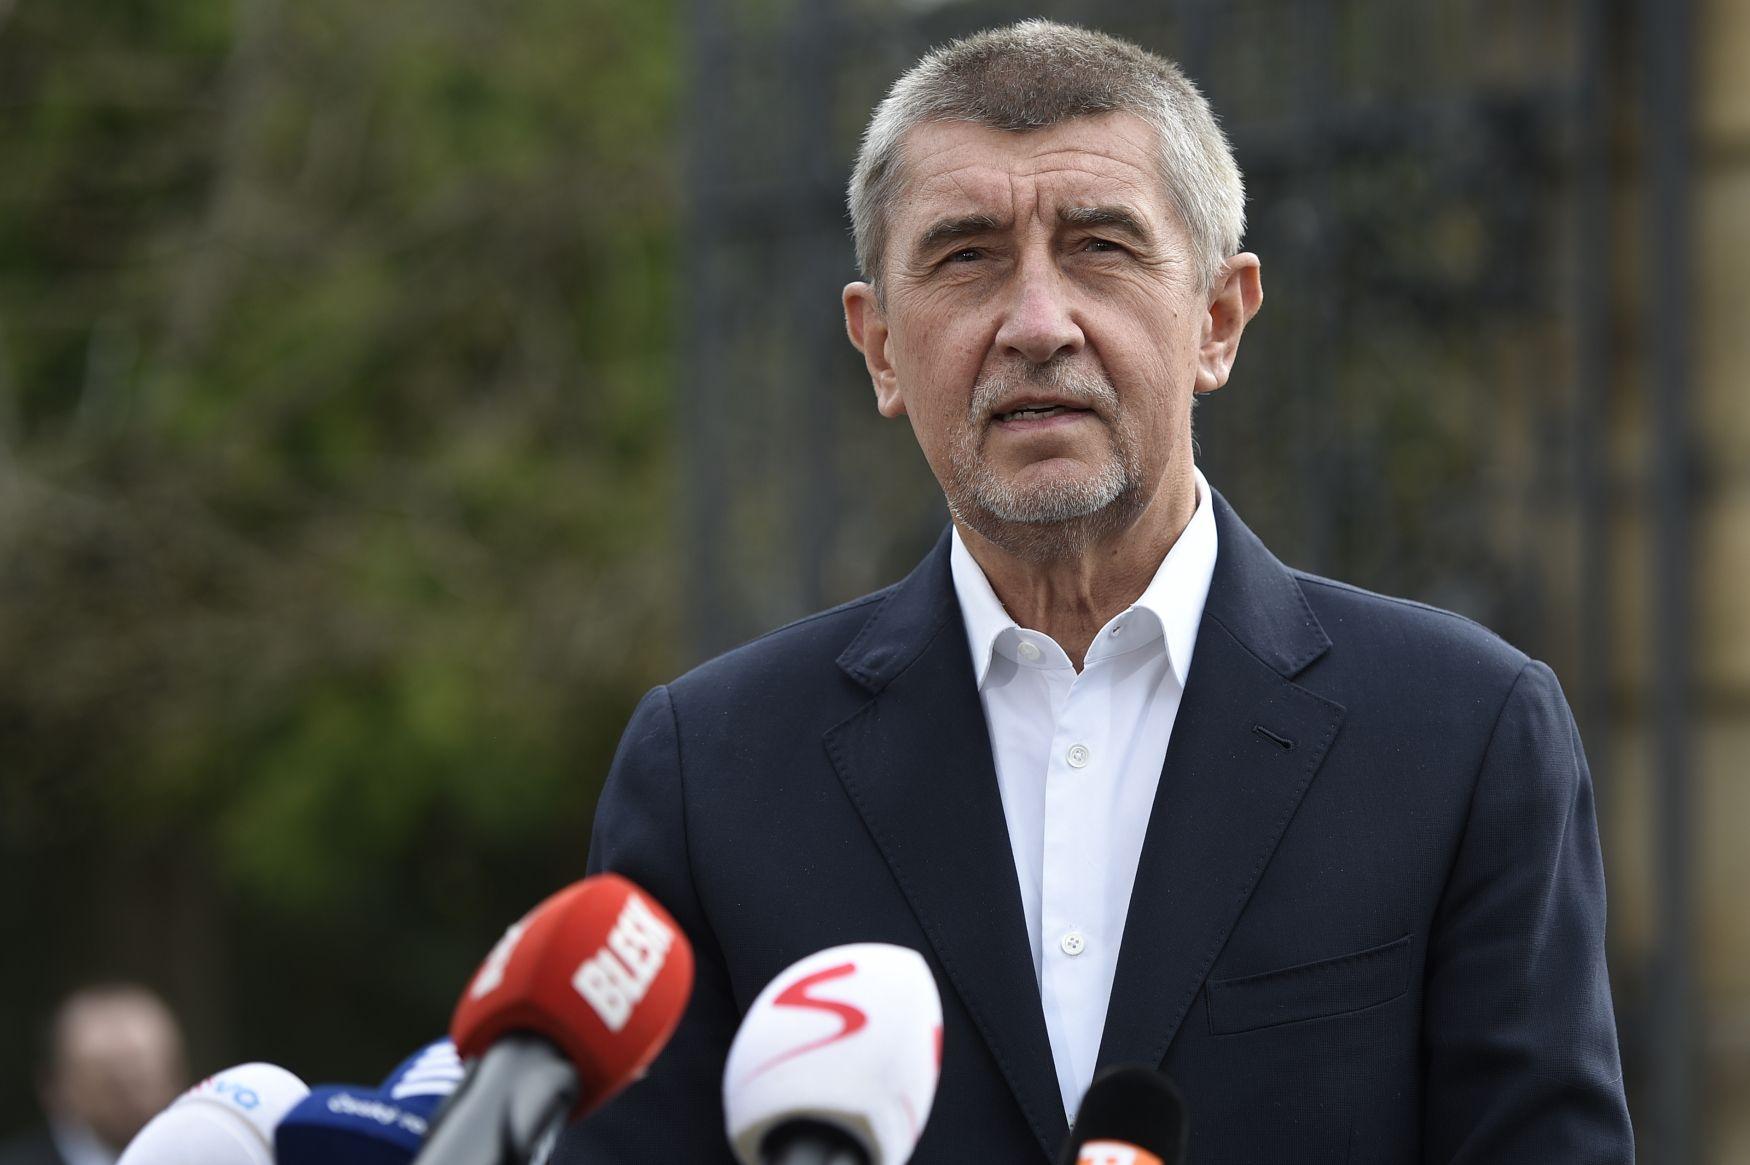 Cseh kormányalakítás - A kommunisták is bekapcsolódtak az új kormányról folyó tárgyalásokba